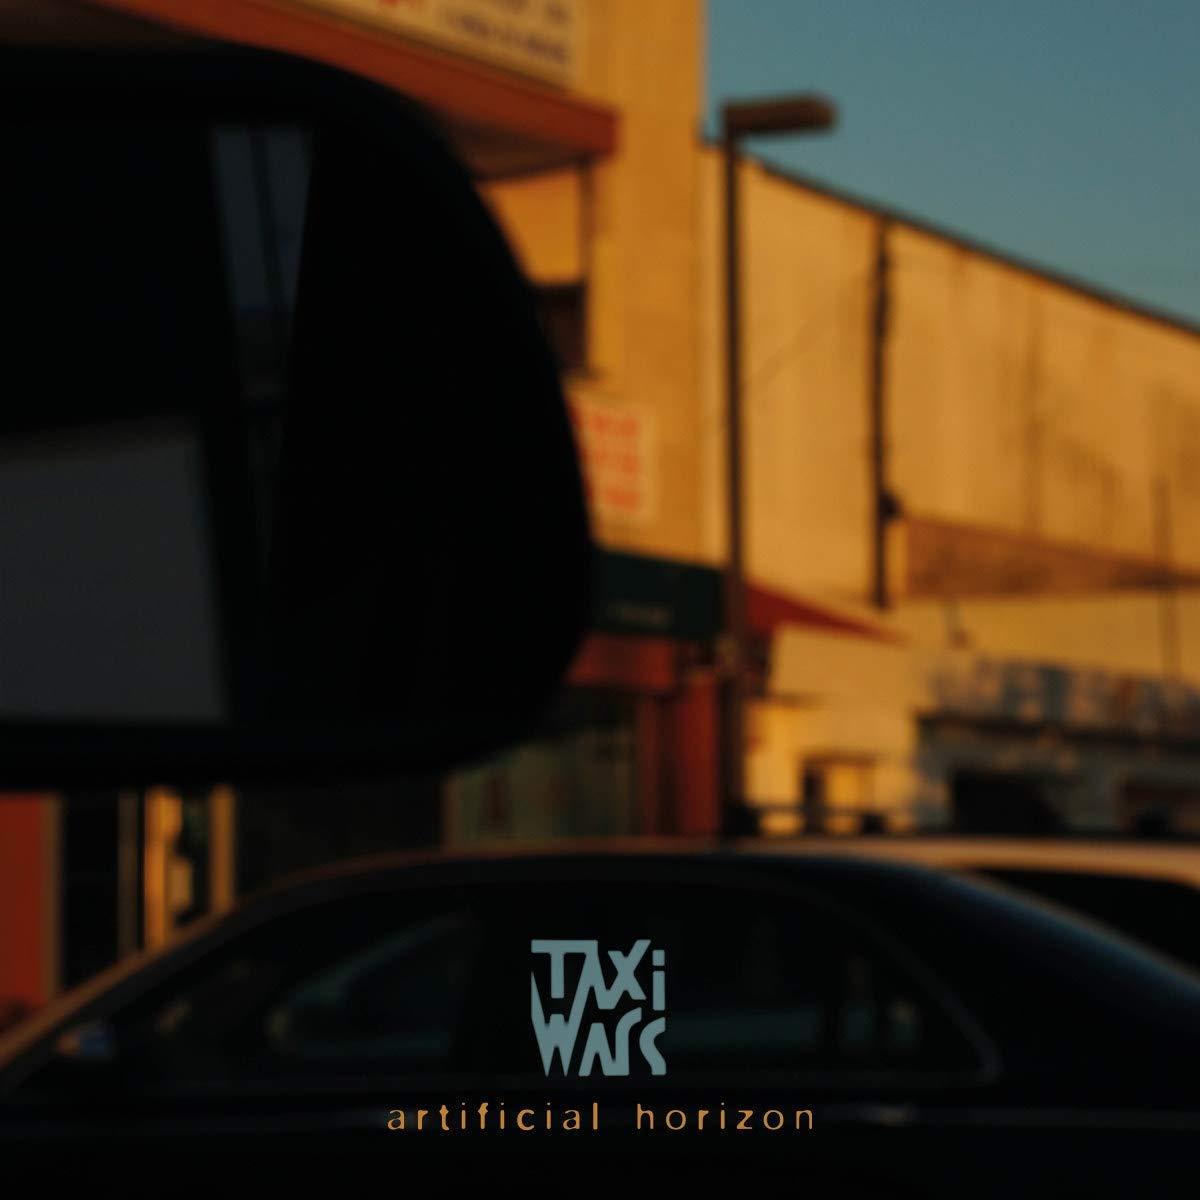 Taxi wars album Artificial horizon